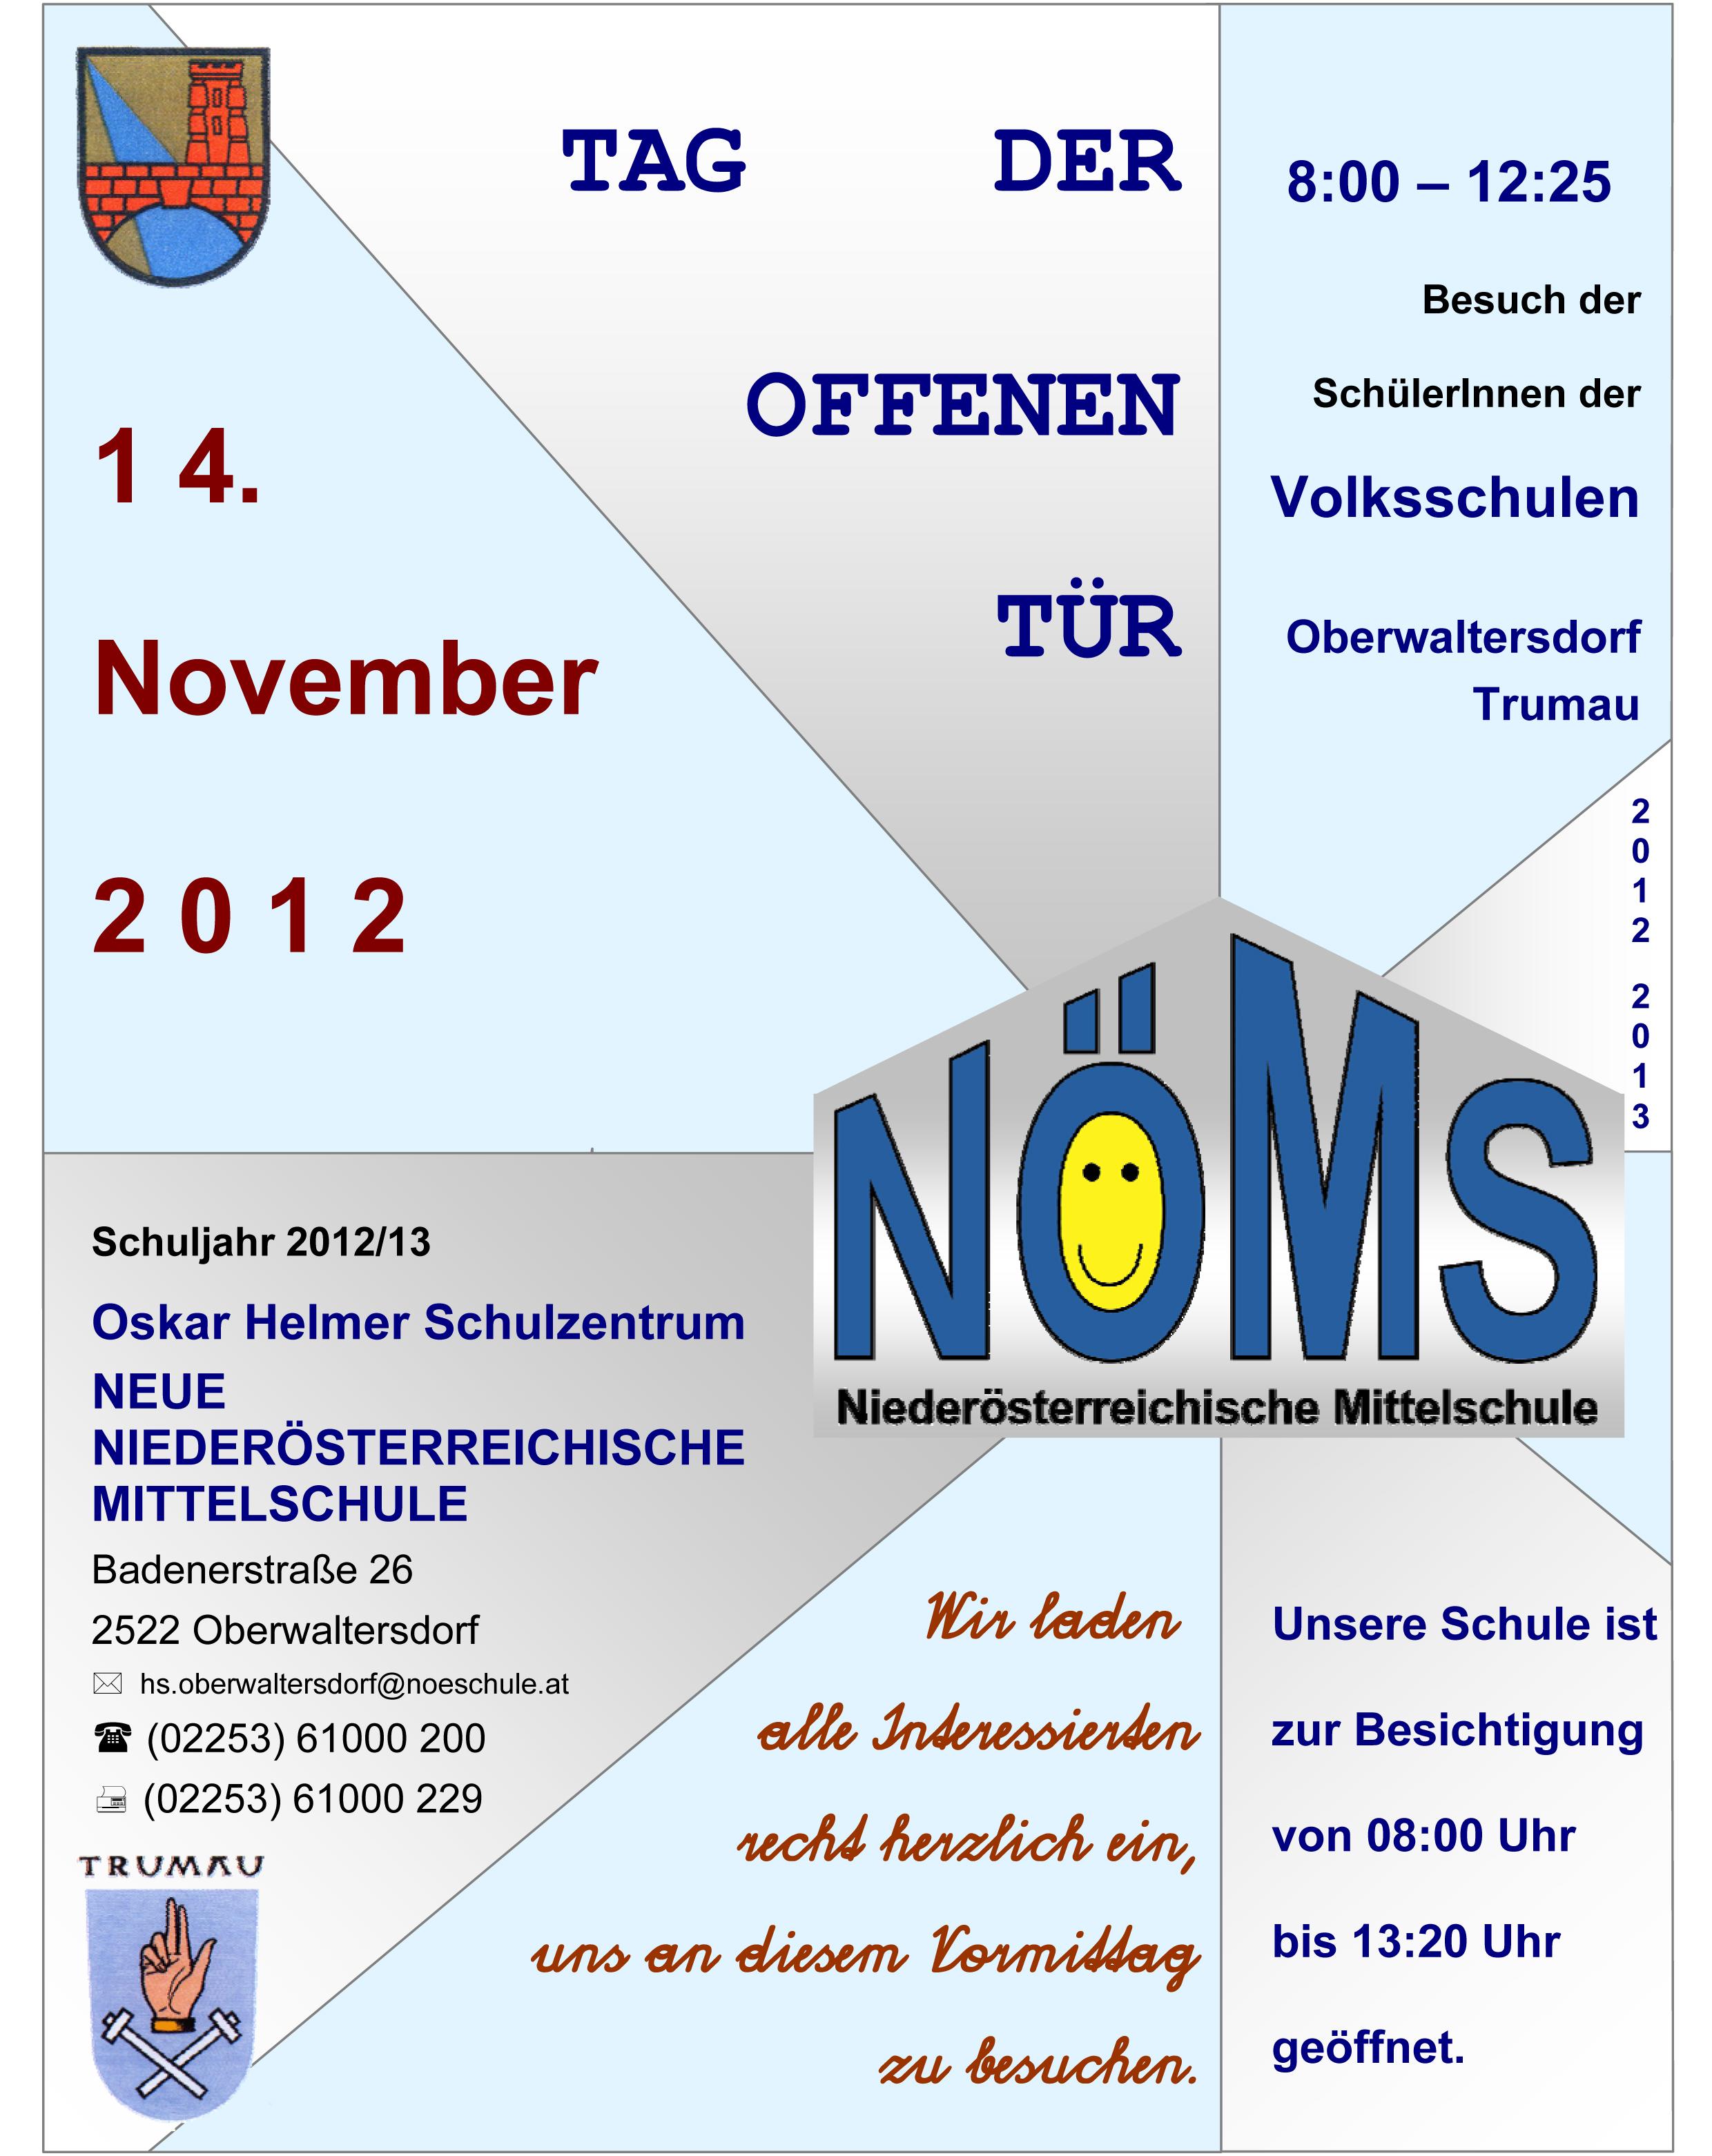 herzliche einladung zum tag der offenen tür an unserer schule, Einladung